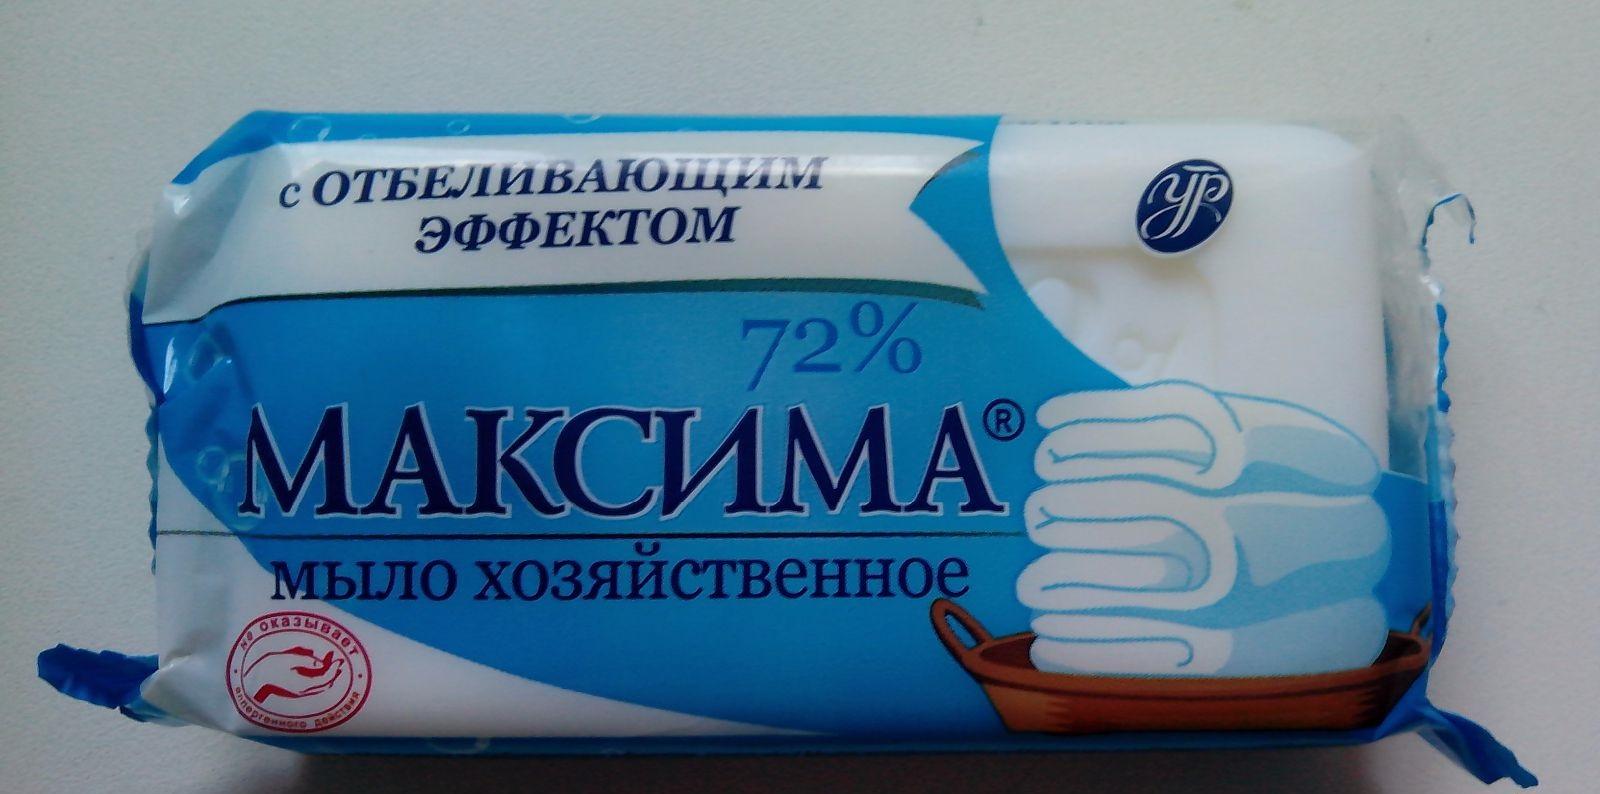 хозяйственное мыло «Максима» с отбеливающим эффектом